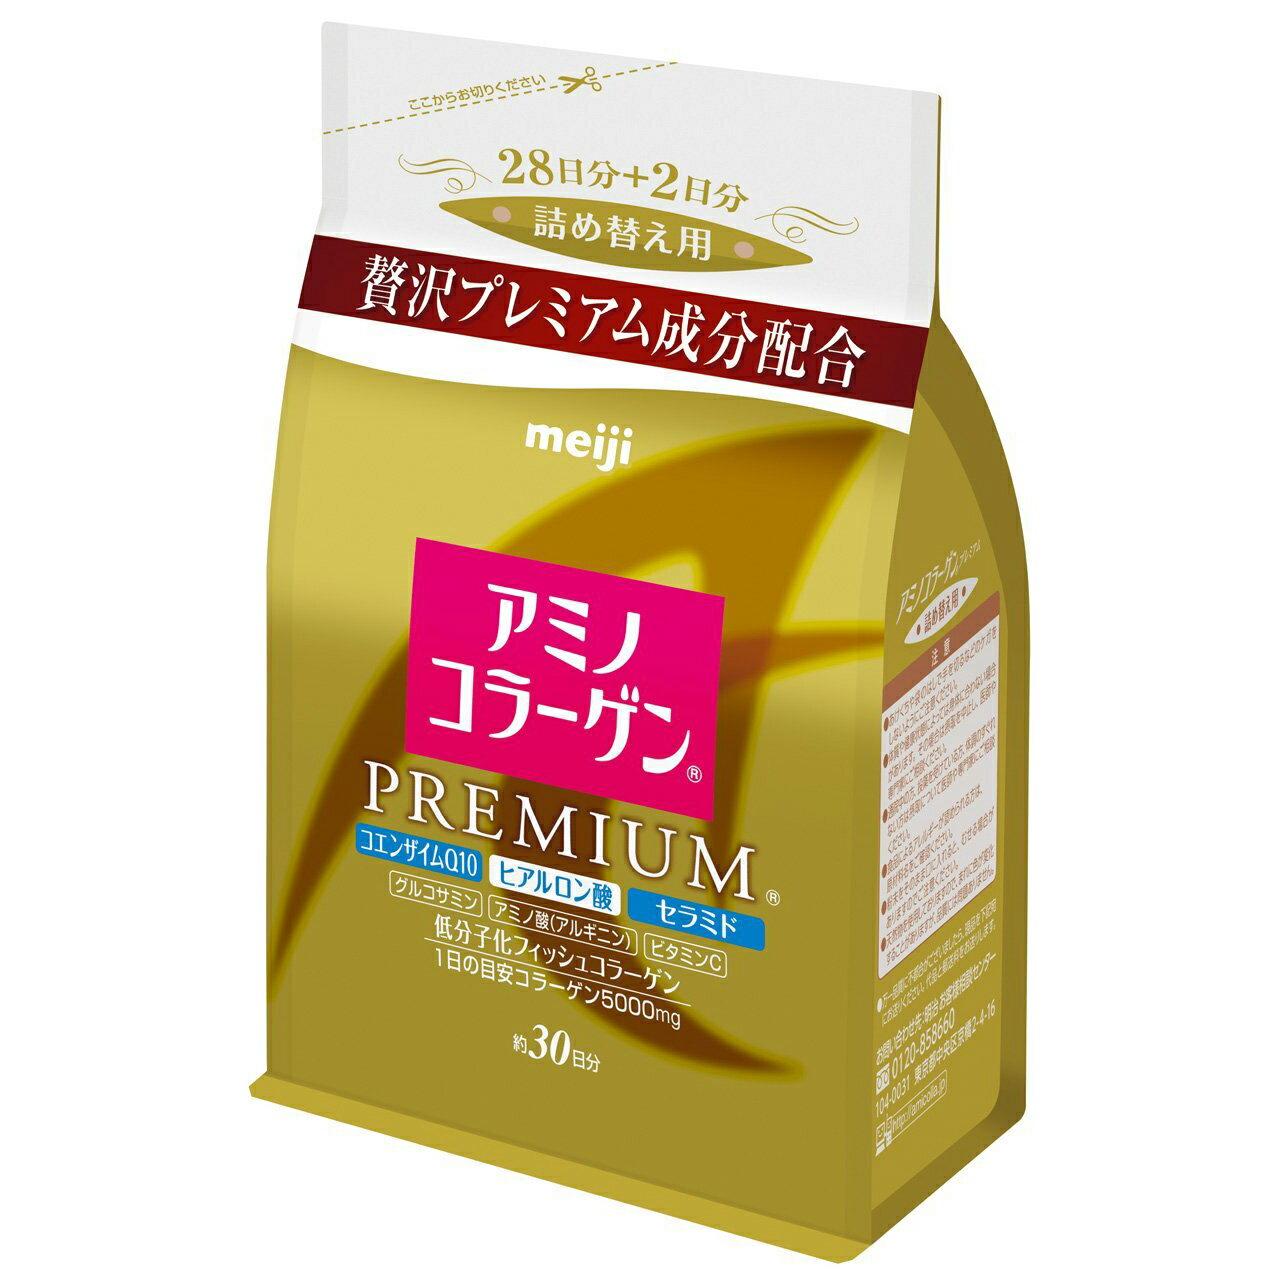 Meiji 日本熱銷NO.1 日本明治膠原蛋白粉補充包袋裝214g 黃金版白金尊爵版 2019/04 添加Q10及玻尿酸 PG美妝